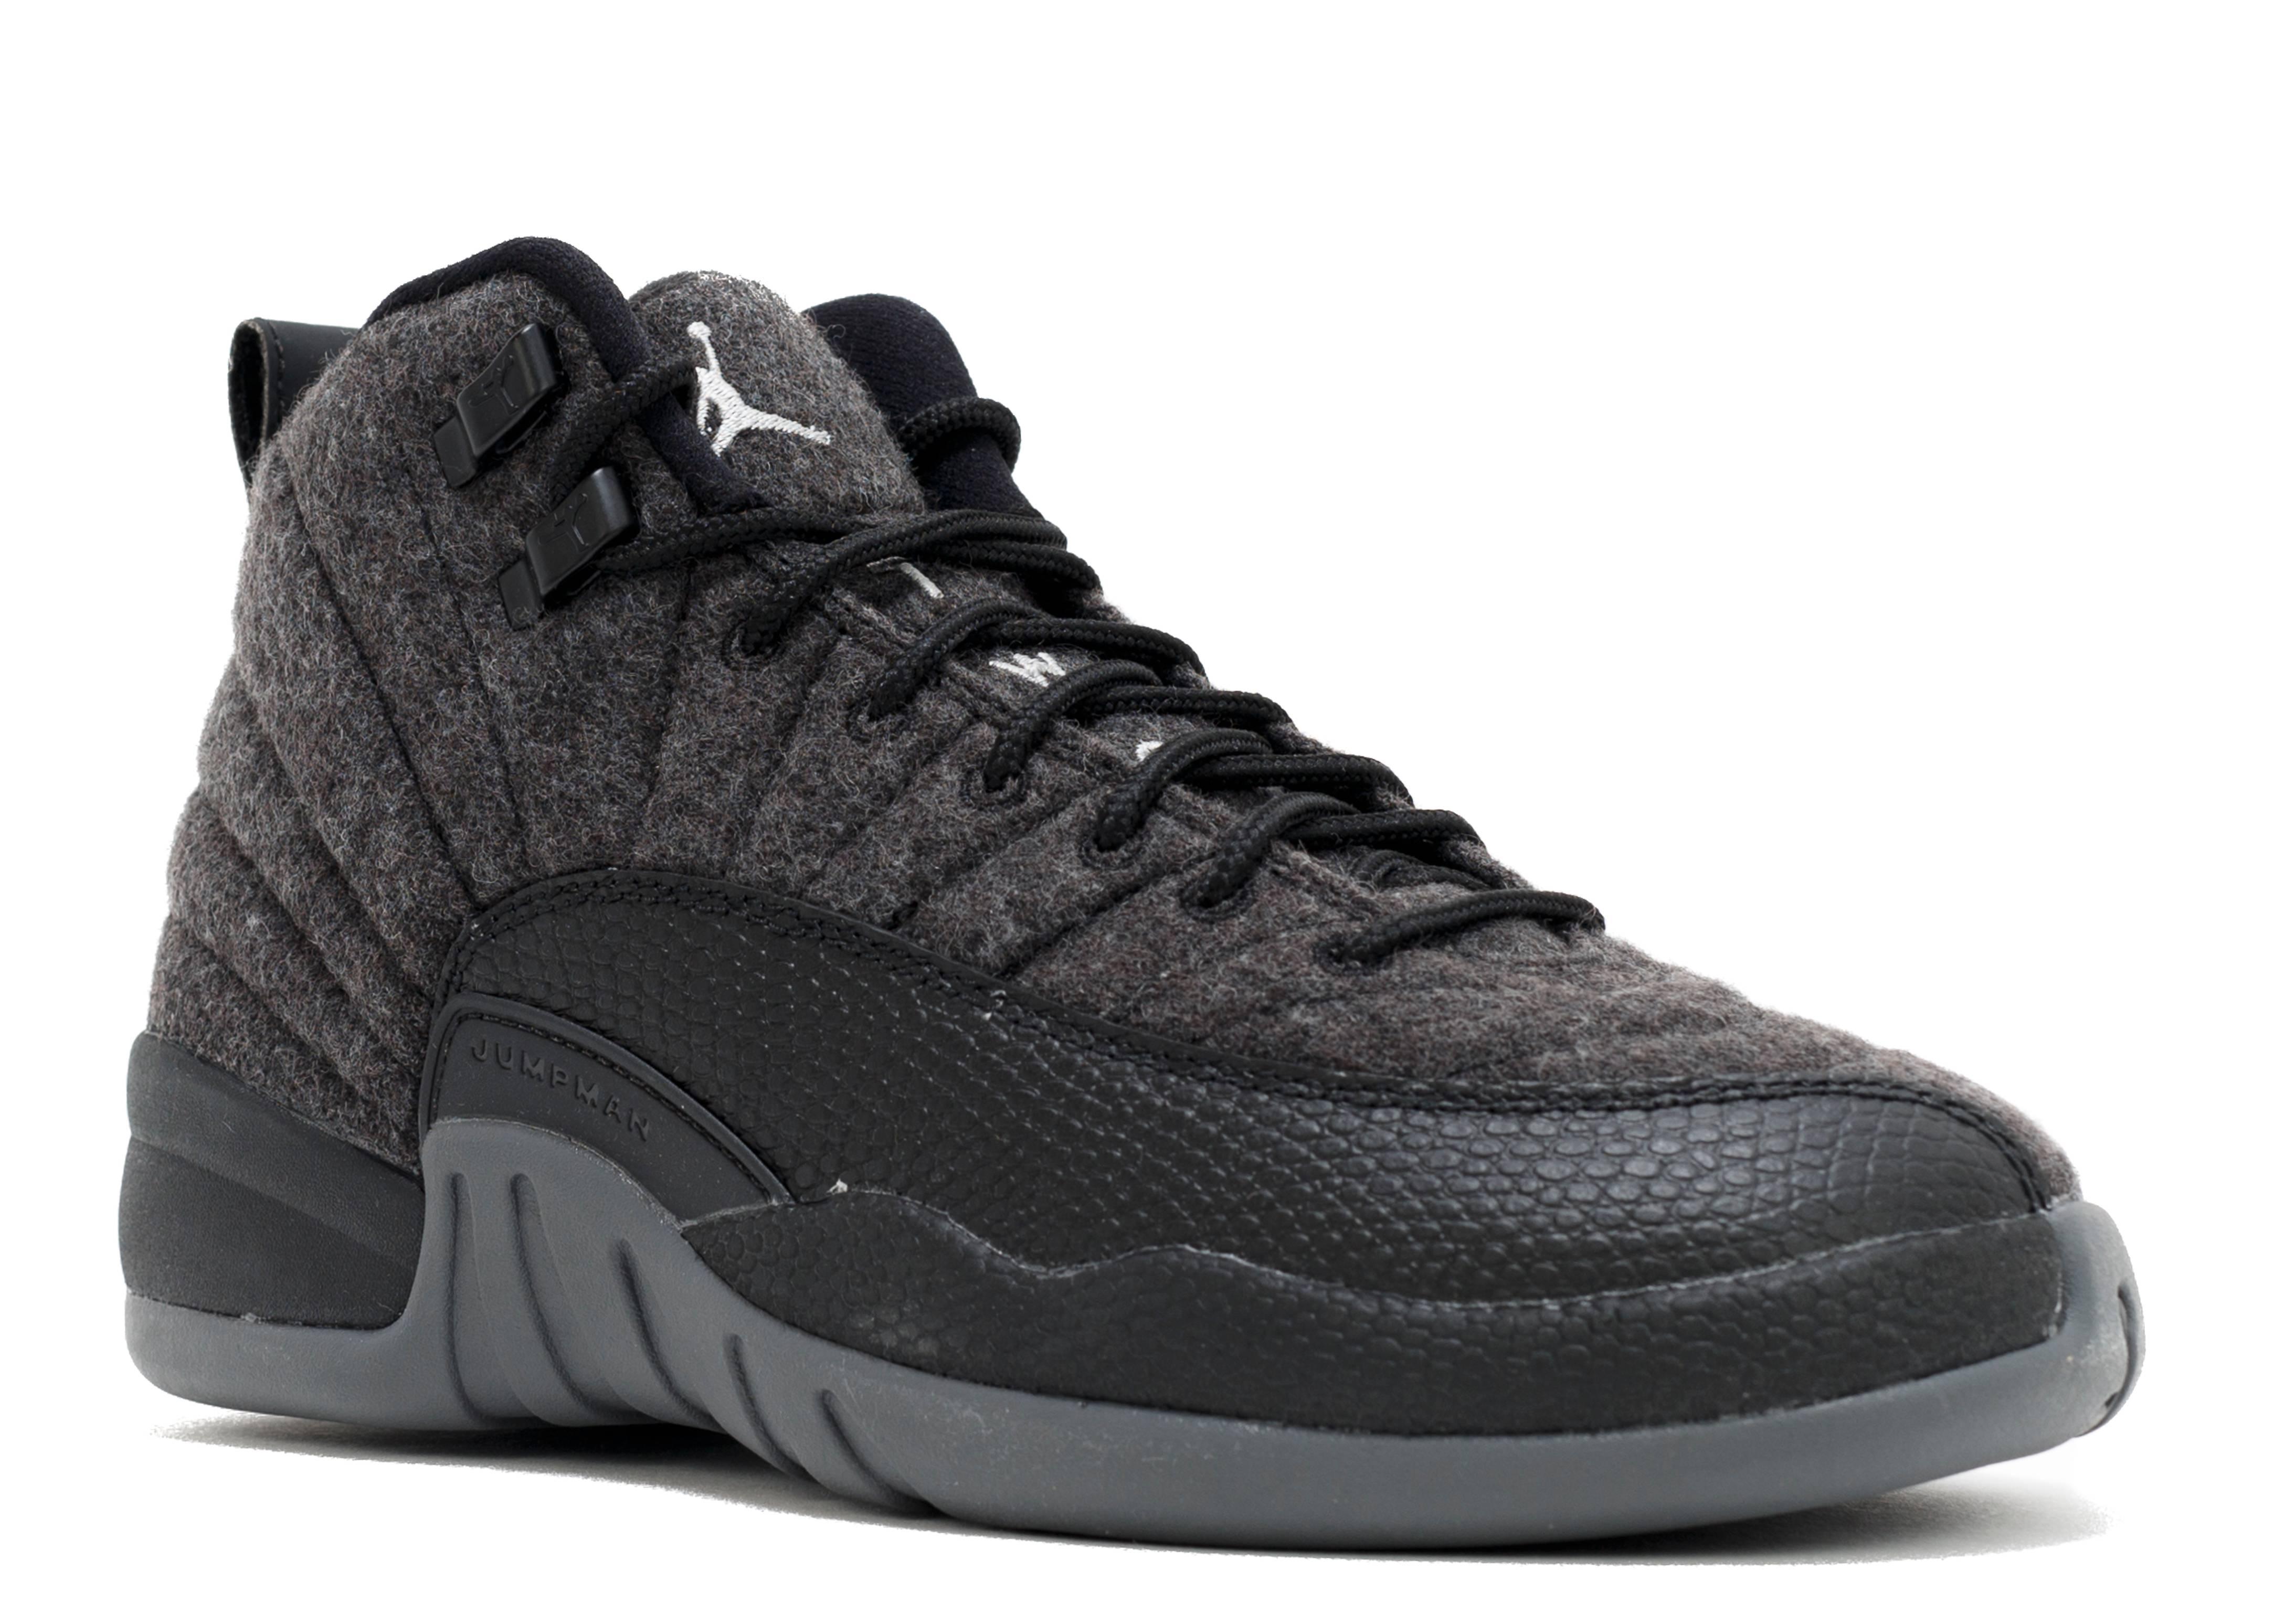 e1fddd8db7a01d Air Jordan 12 Retro Wool Bg (gs) - Air Jordan - 852626 003 - dark  grey-metallic silver-blac